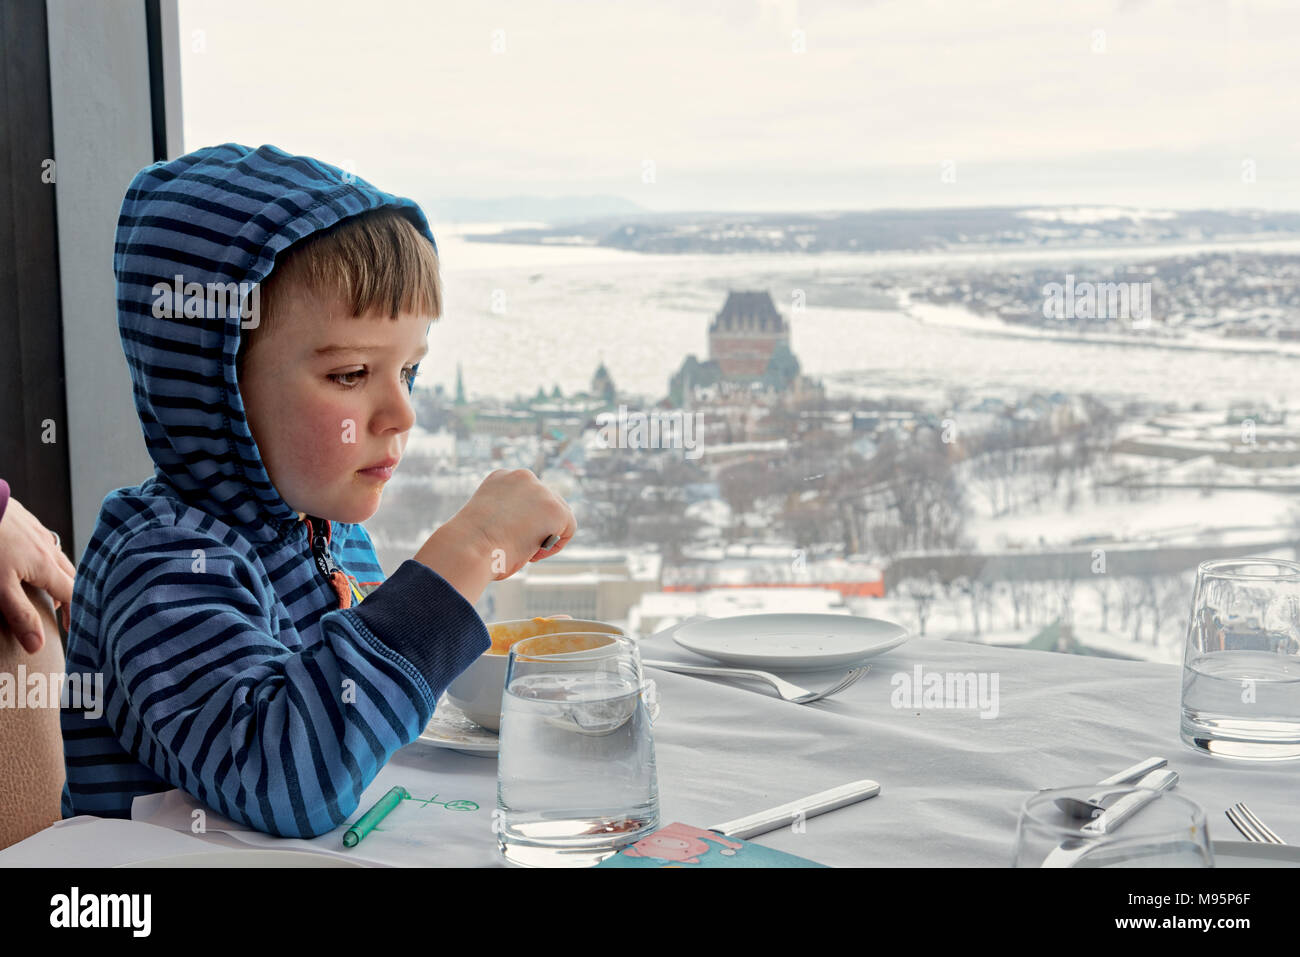 Un bambino di cinque anni, ragazzo di mangiare in Ciel! Il ristorante rotante in Quebec City, con lo Chateau Frontenac e congelata di St Lawrence al di là. Immagini Stock